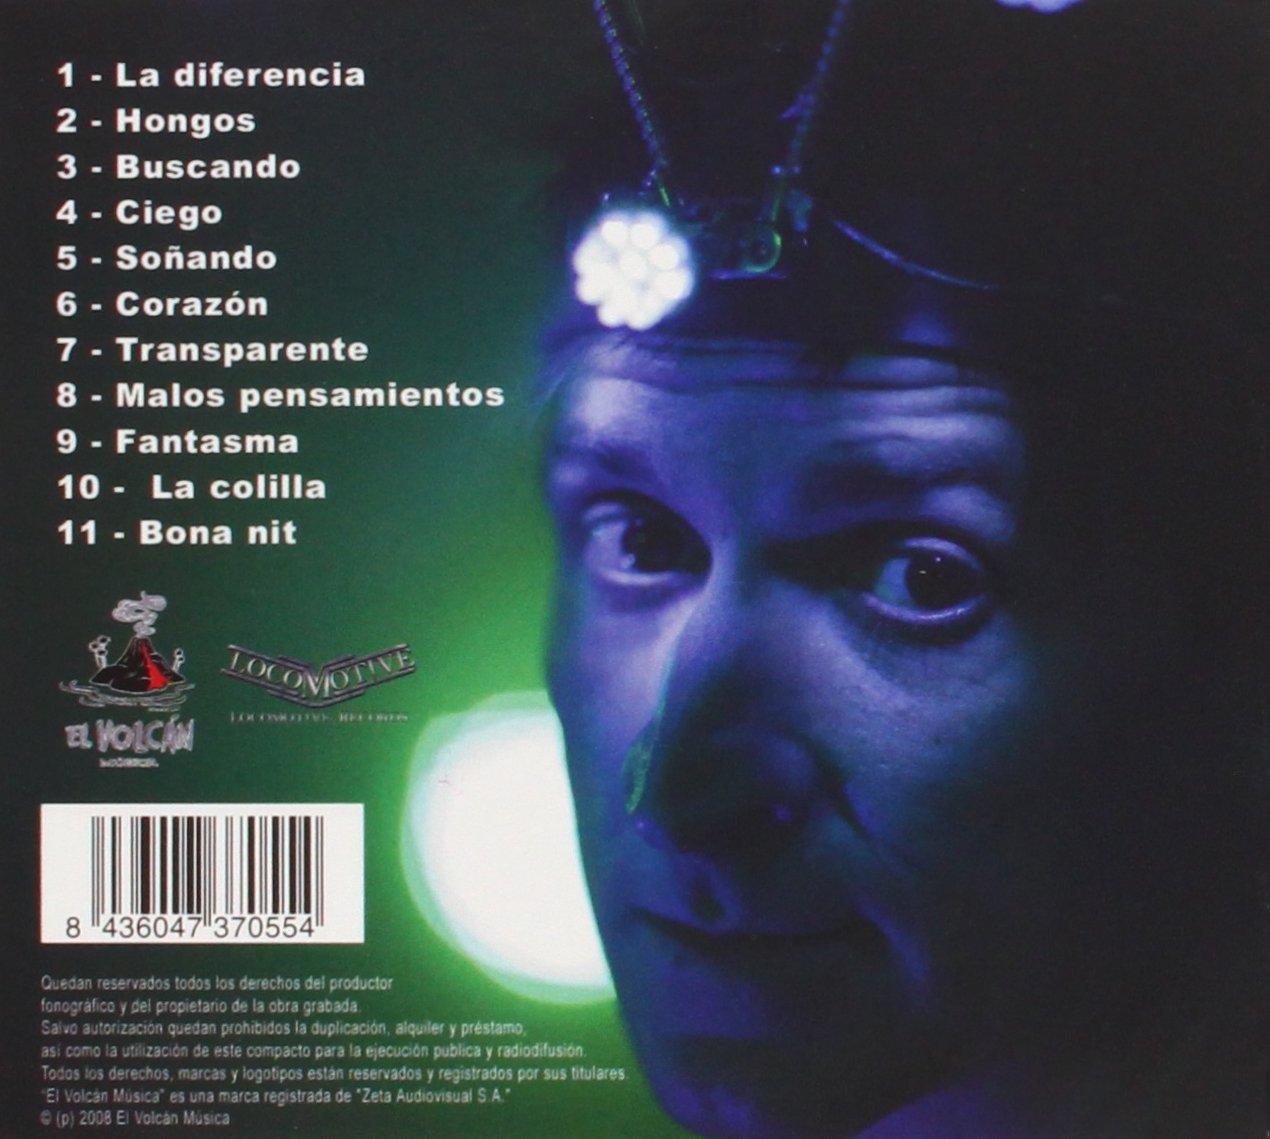 La Diferencia: Albert Pla: Amazon.es: Música